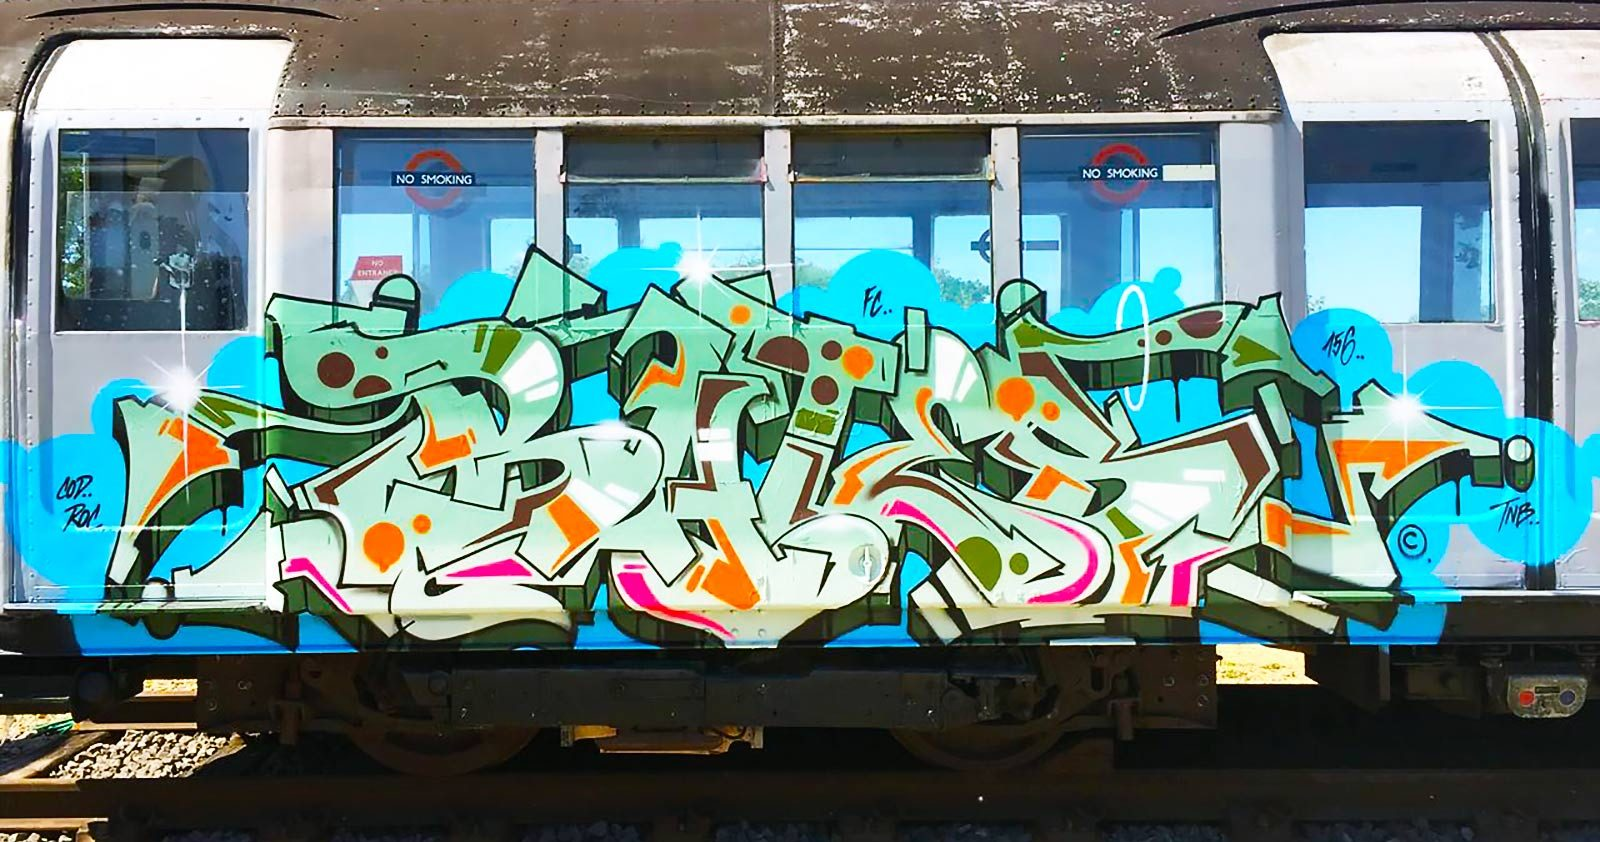 Vous faites dans l'échangisme (graffiti)? Bates est open!